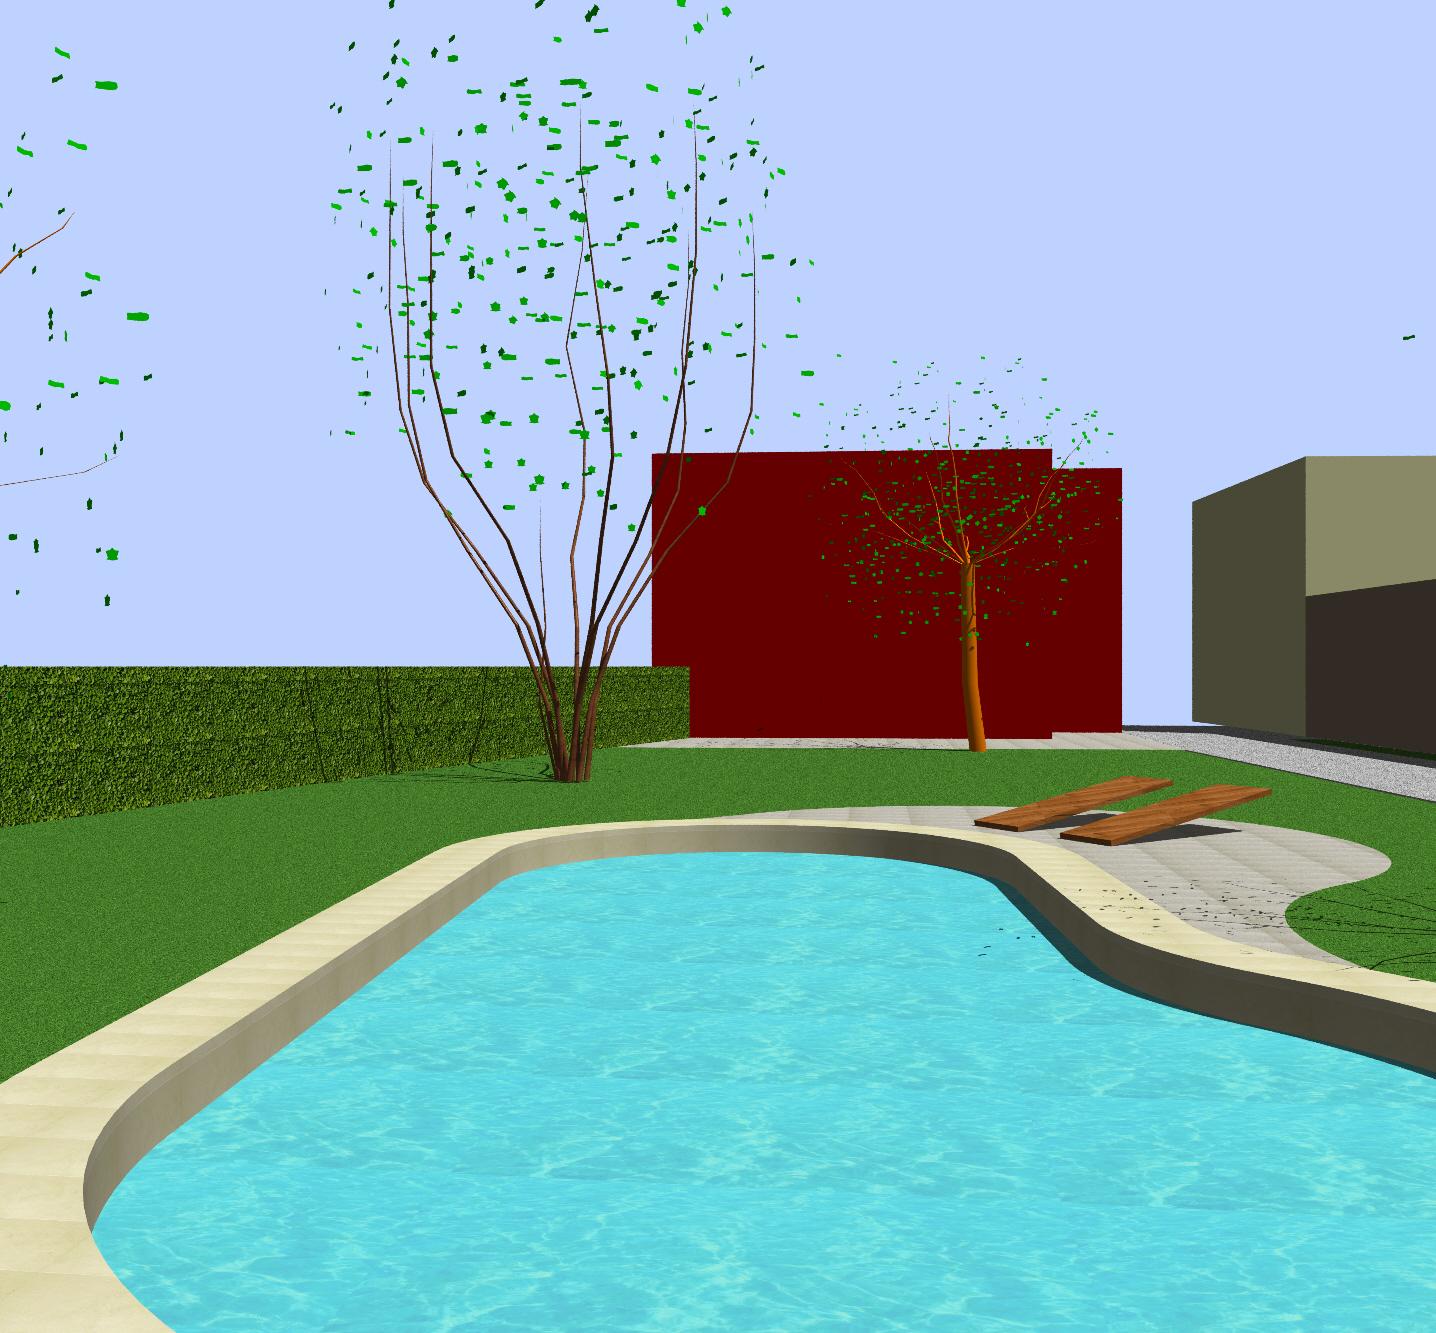 Piscina Su Terreno In Pendenza progetto per piscina privata